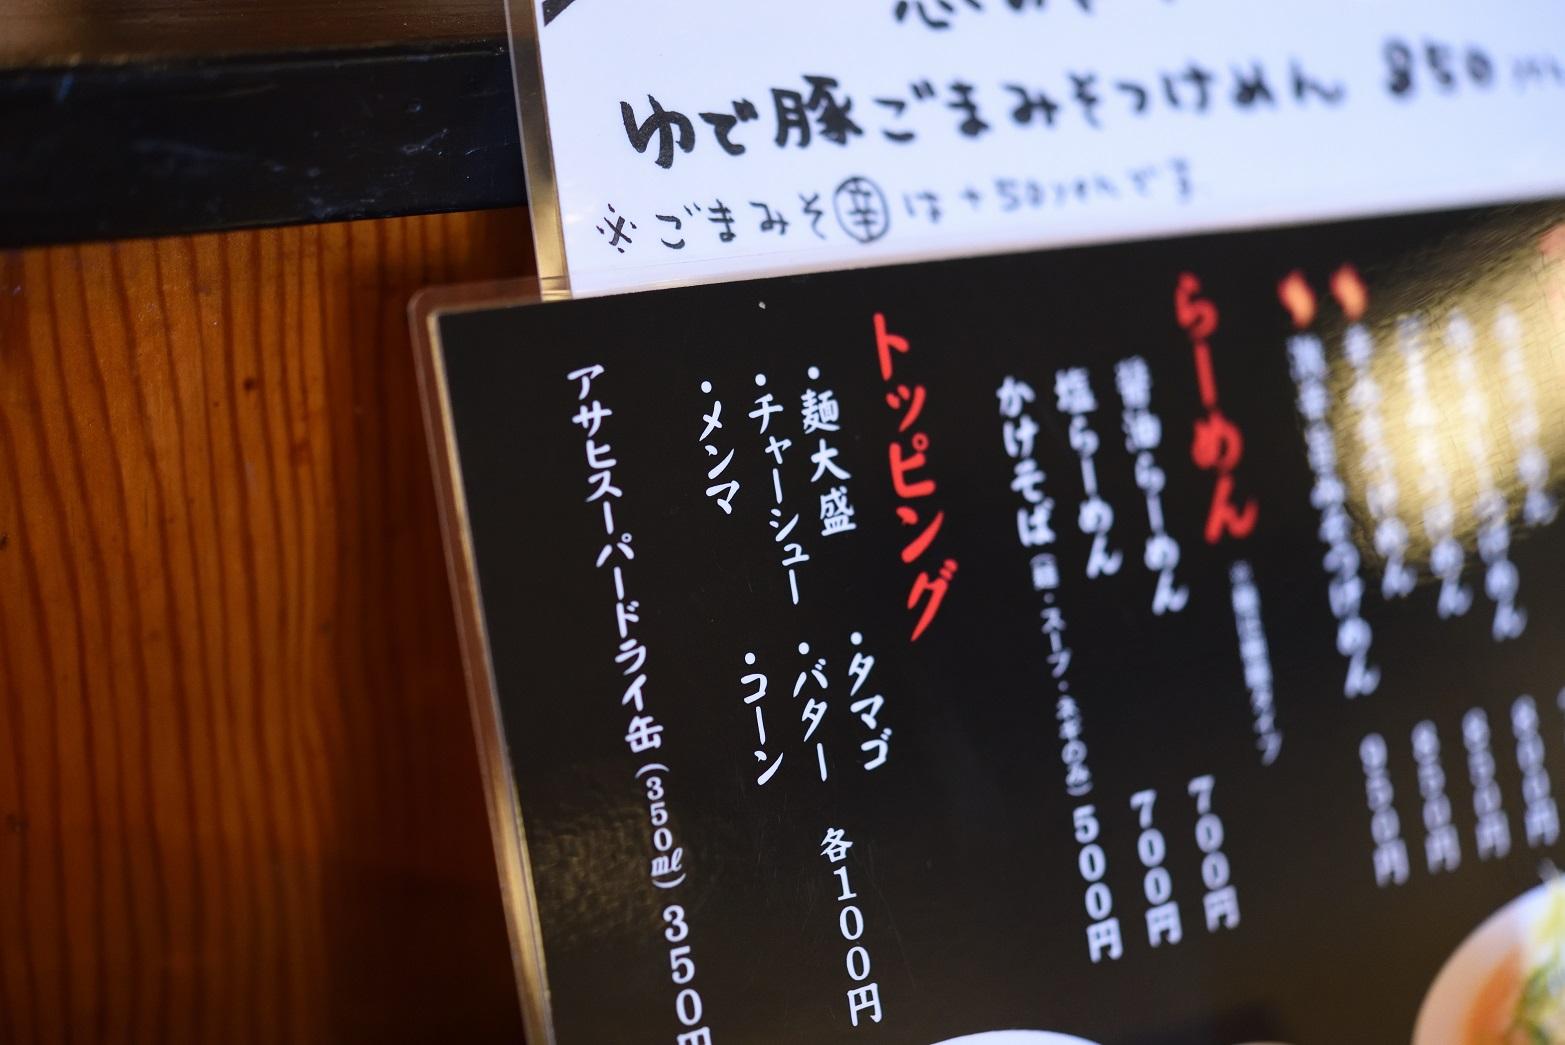 北海道みそらーめん専門店 志のや みそカレーミルクラーメン